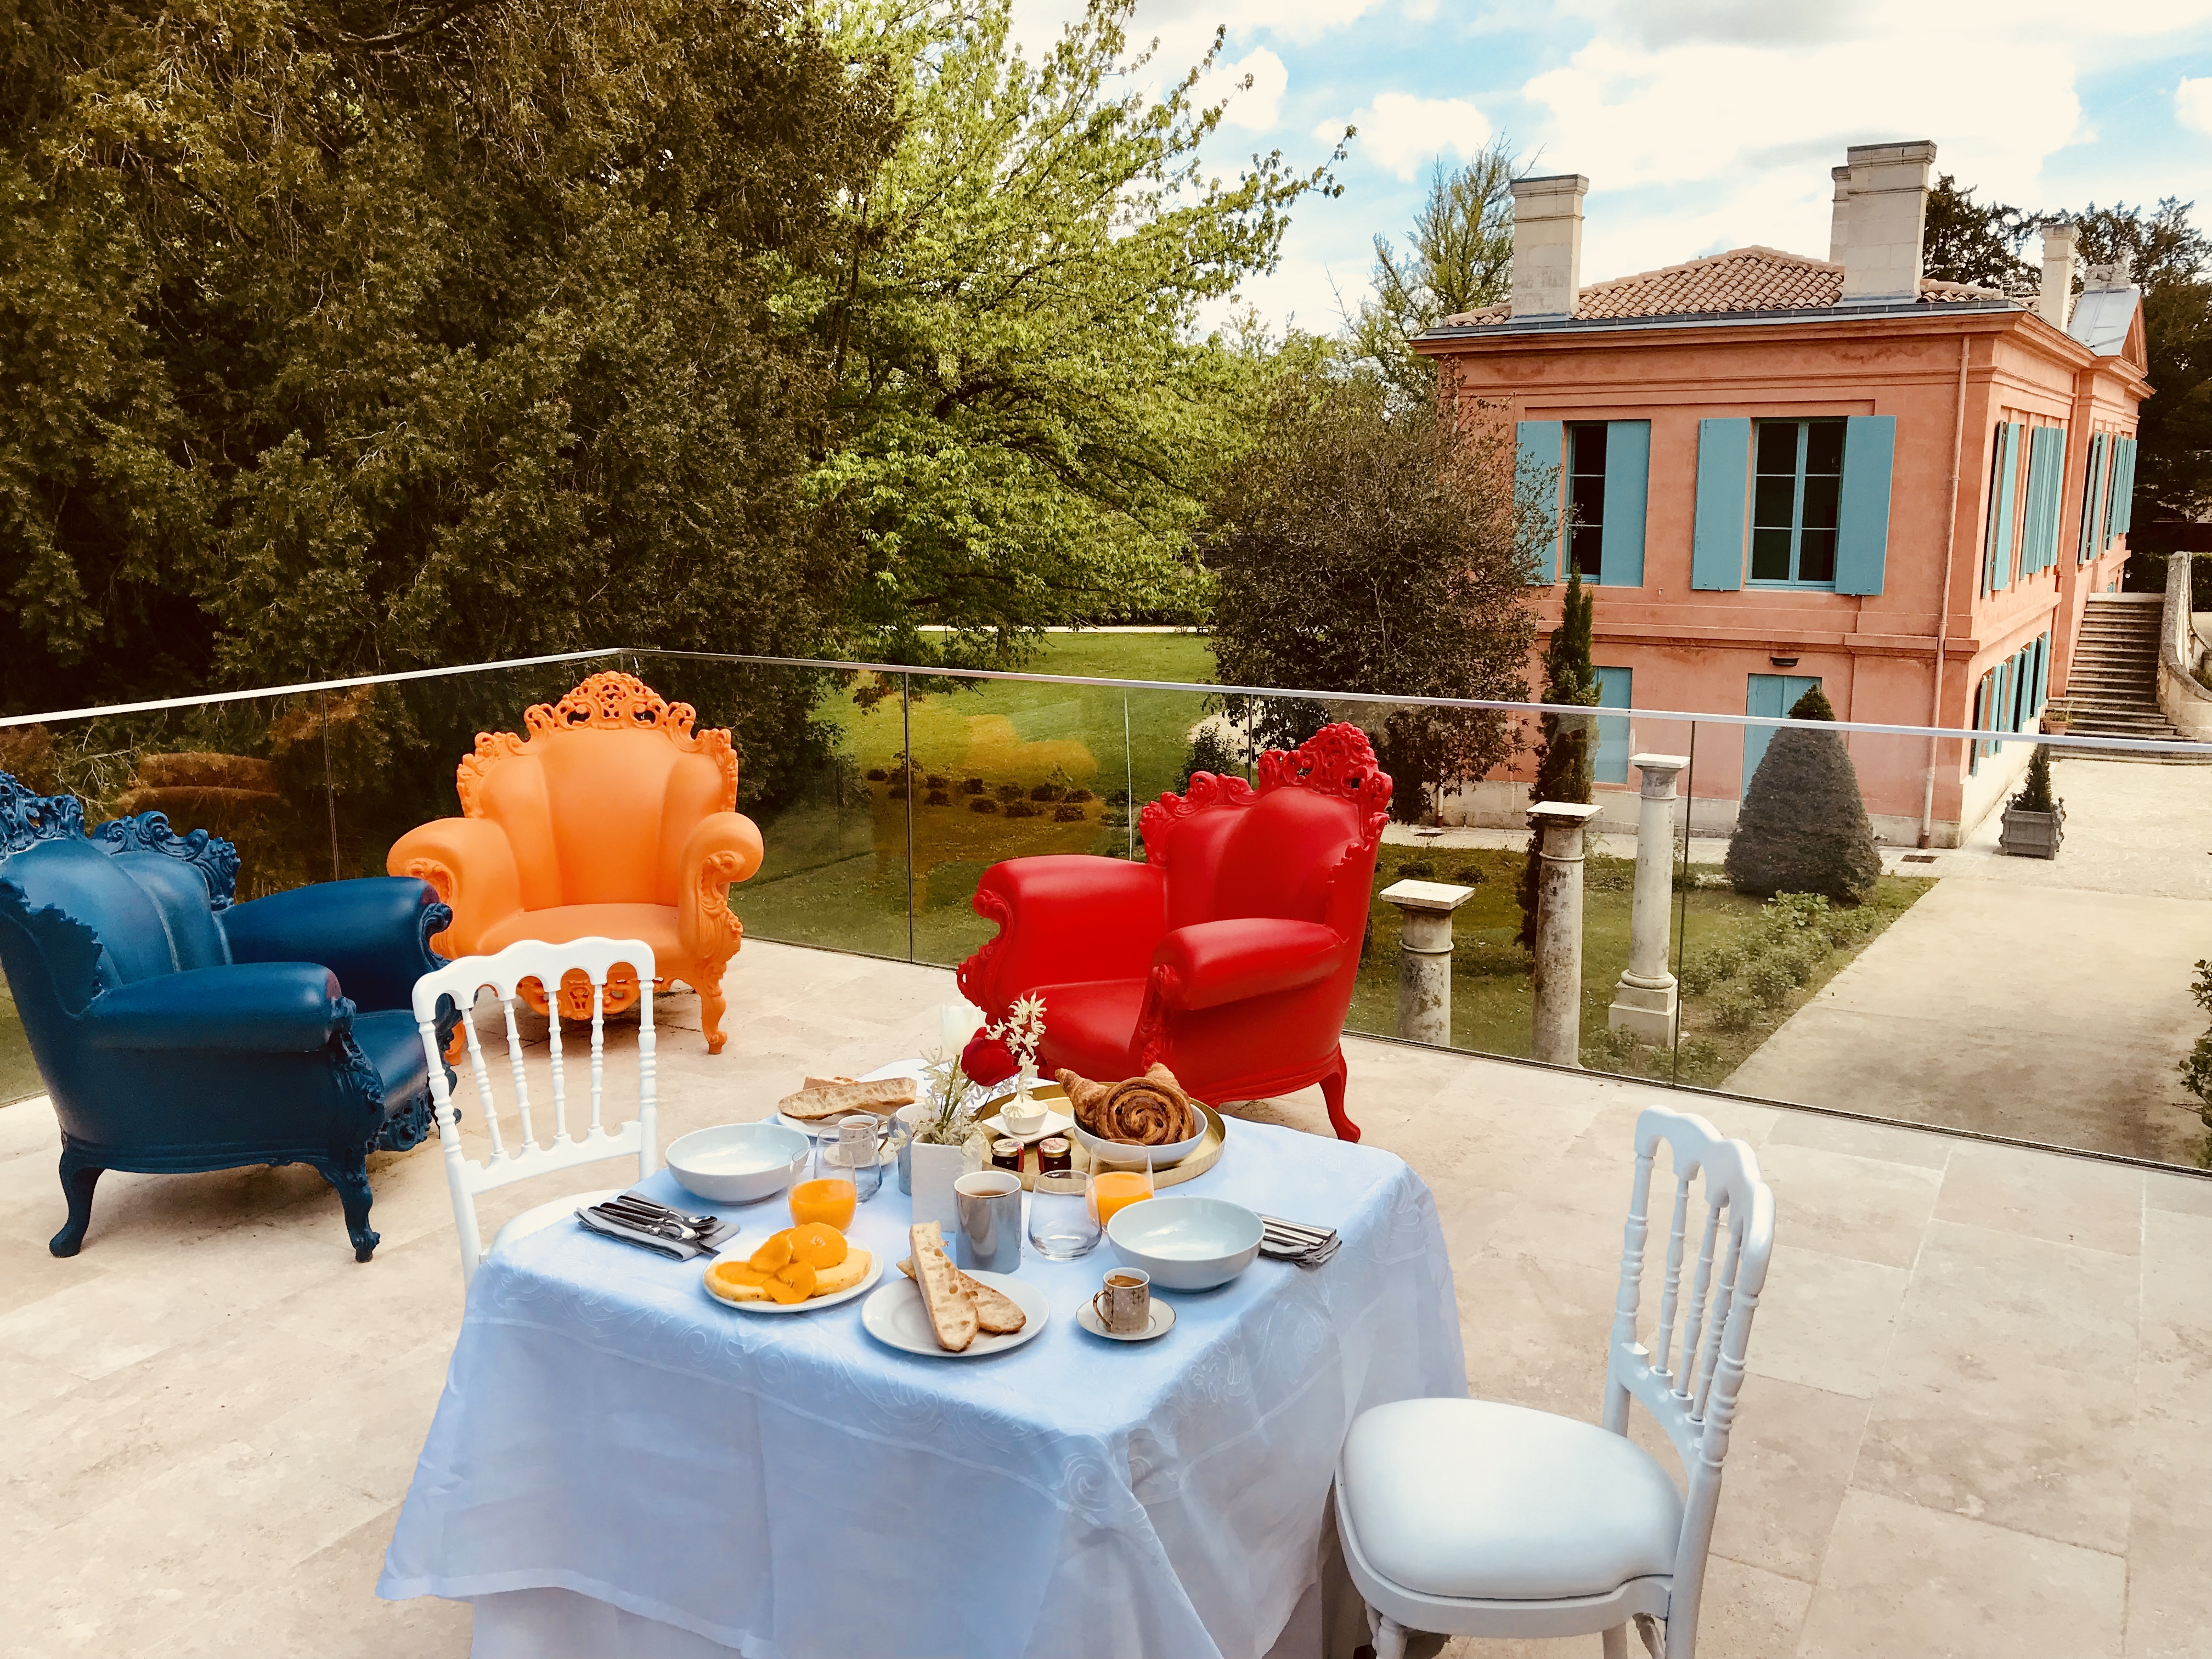 photo de la terrasse des chambres d'hôtes devant le château Pont St Martin, mise en scène avec une table dressée et fauteuils colorés